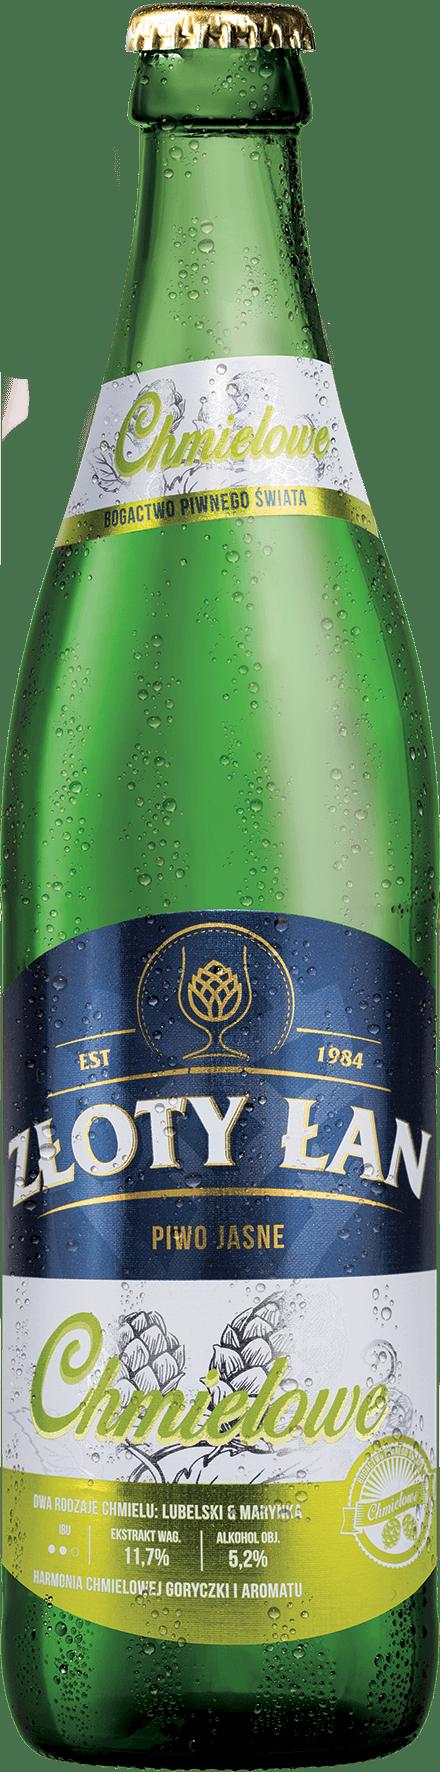 Piwo Złoty Łan - zloty lan chmielowe metal